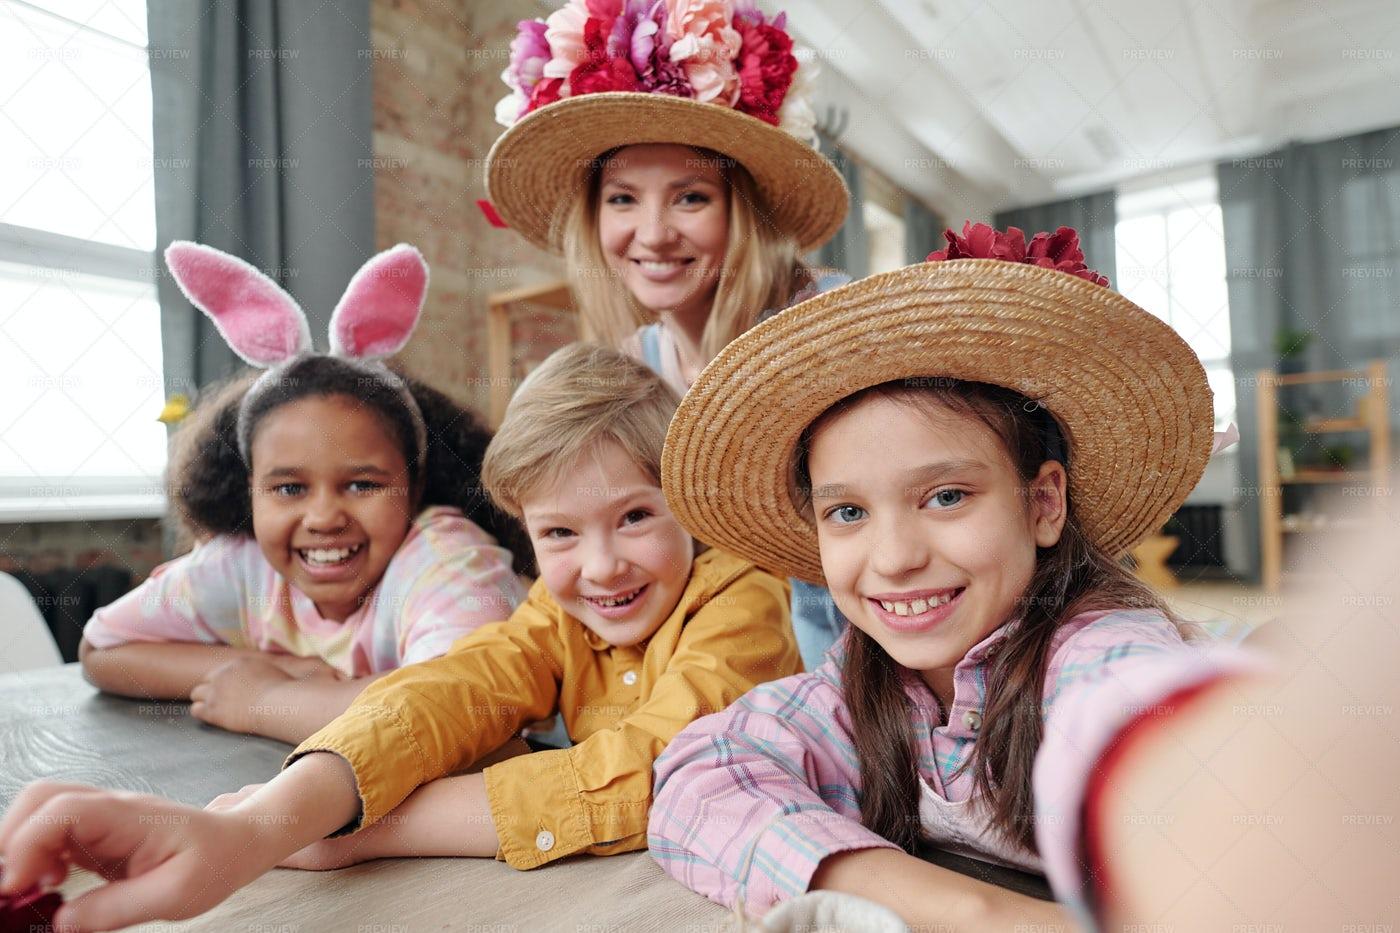 Happy Selfie Portrait Of Children: Stock Photos